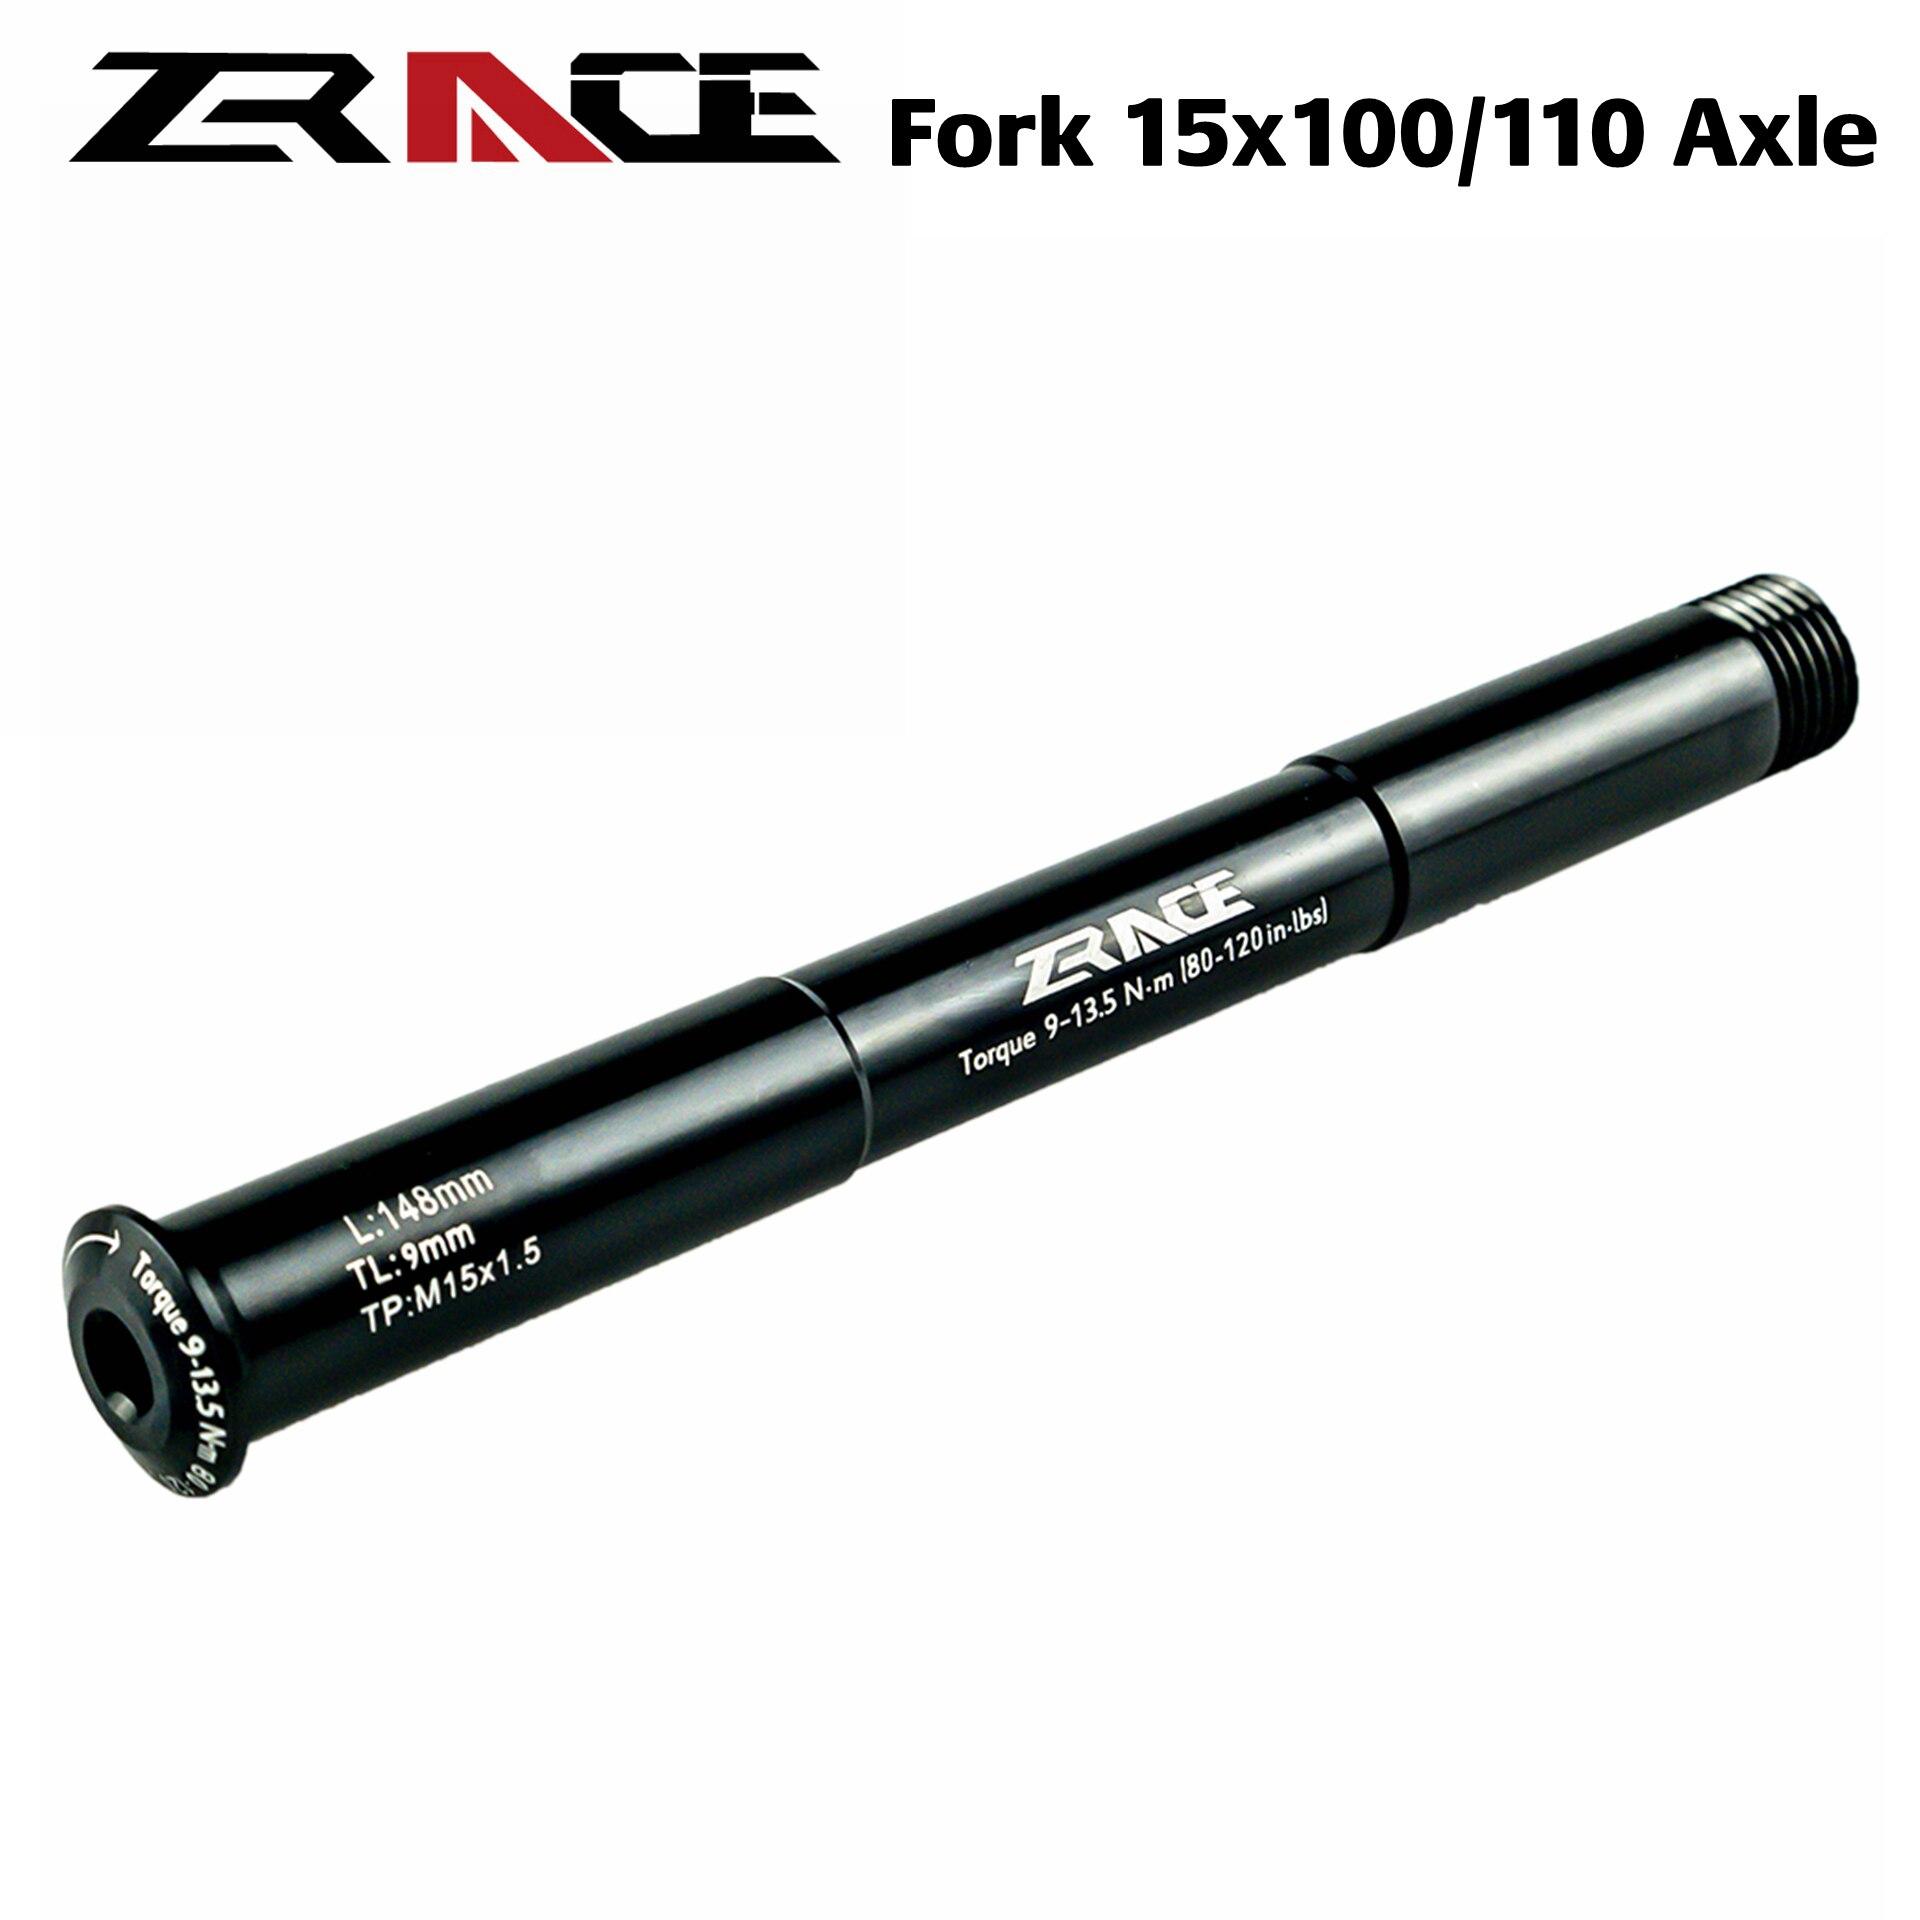 Ступицы для горных велосипедов QR15x100 / QR15x110 через рычаг оси компоненты для горных велосипедов для ROCKSHOX FOX 15x100-110 QR15 * 100-110 boost